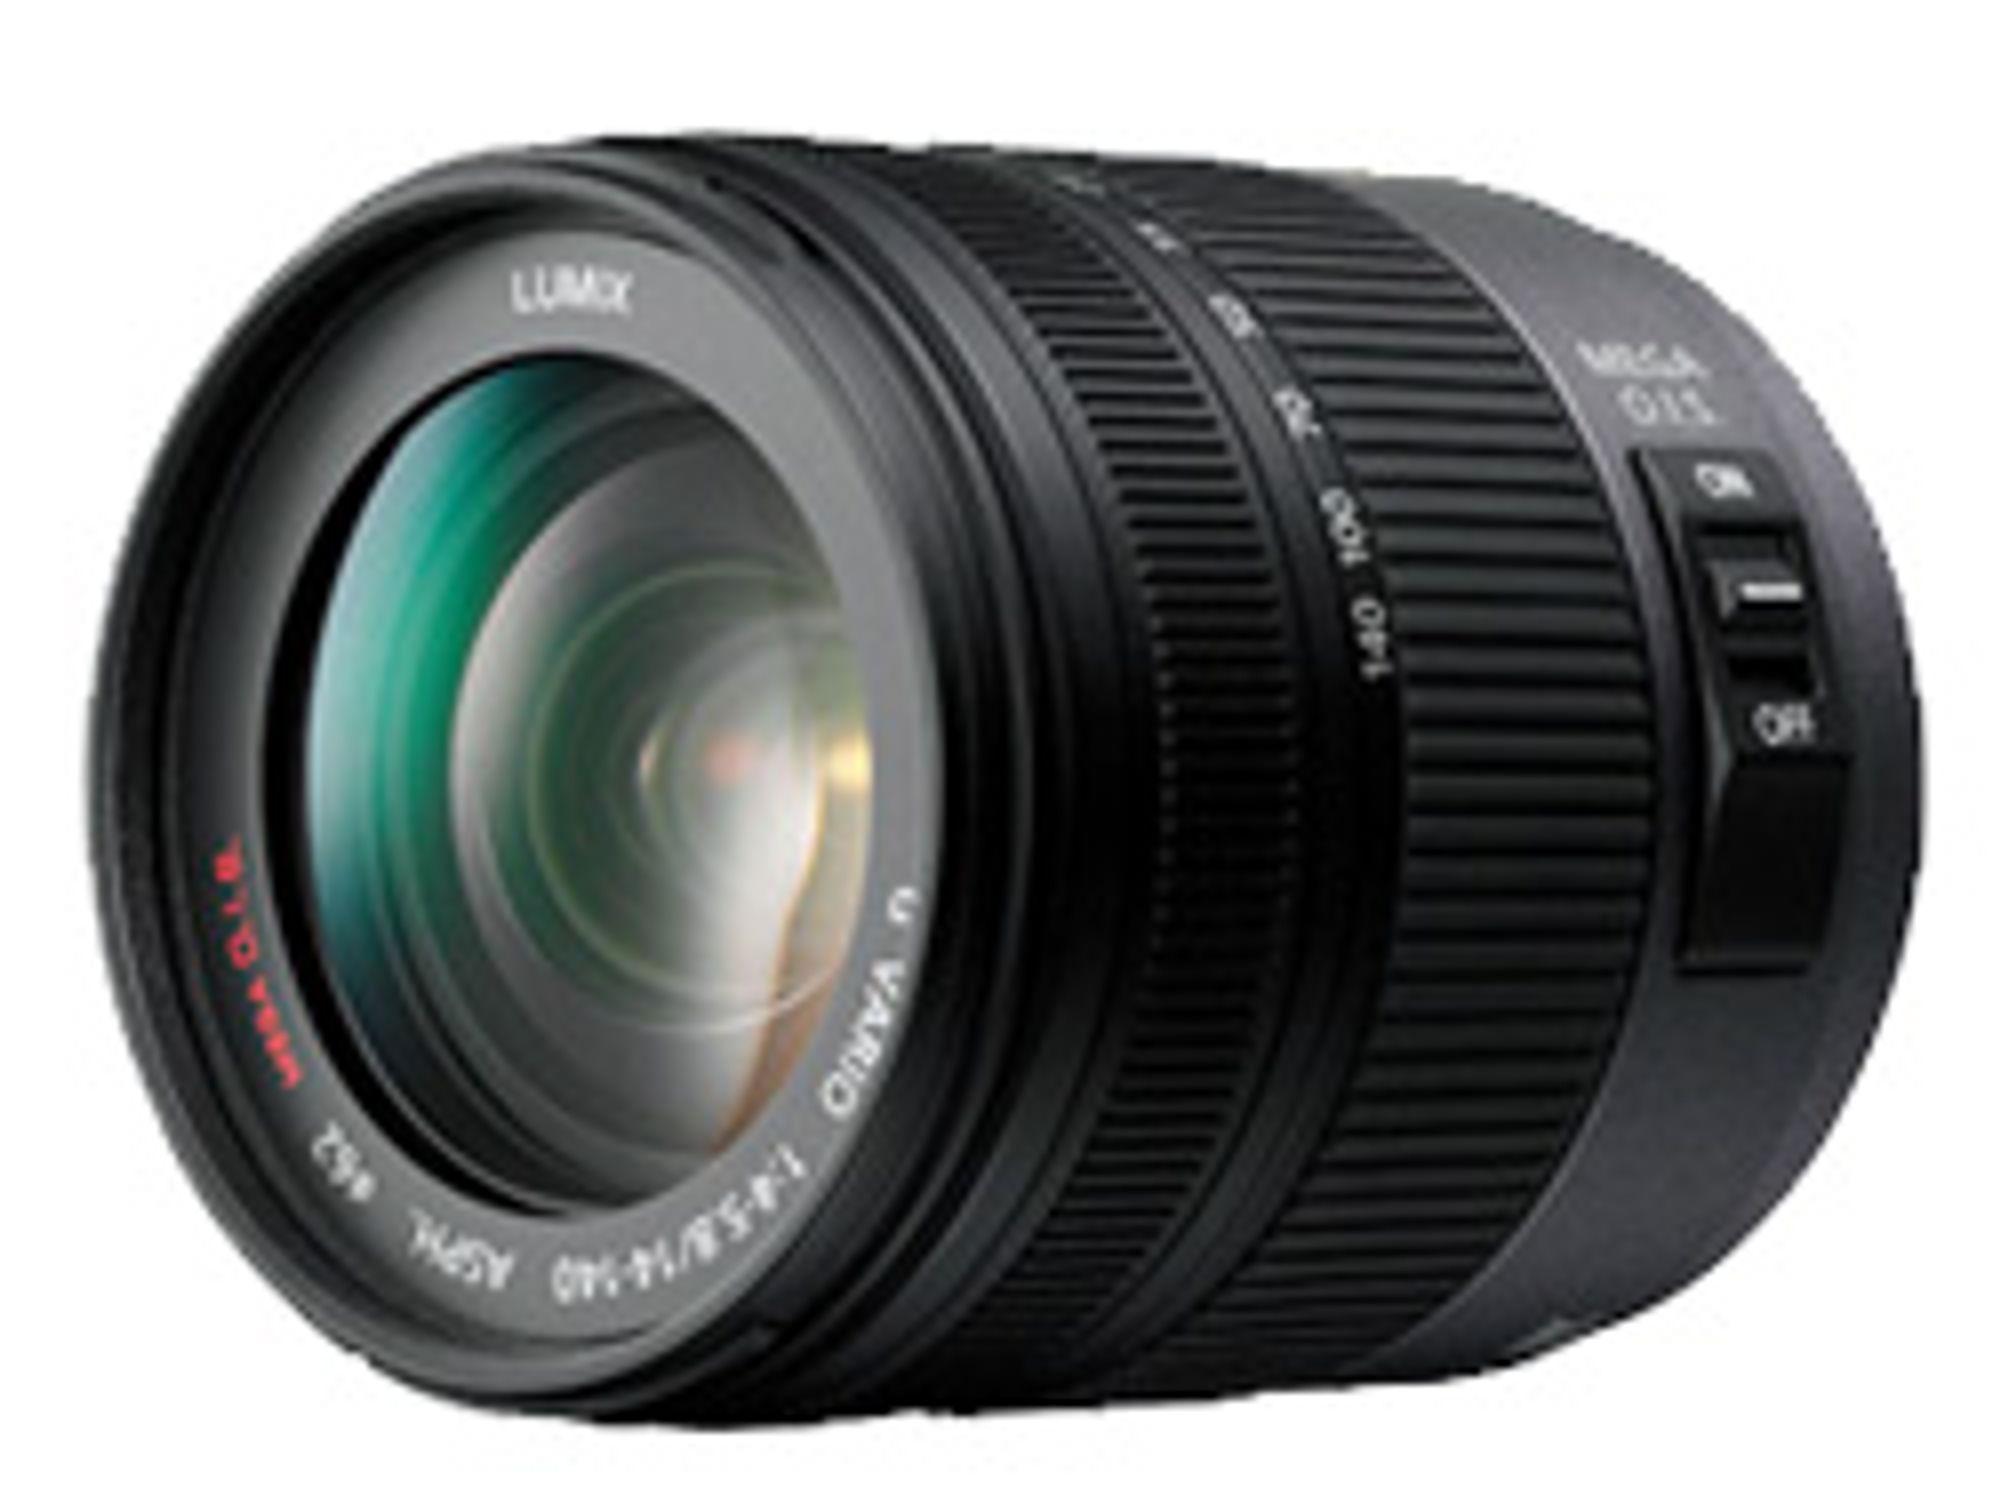 Panasonic Lumix Vario 14-140 mm.